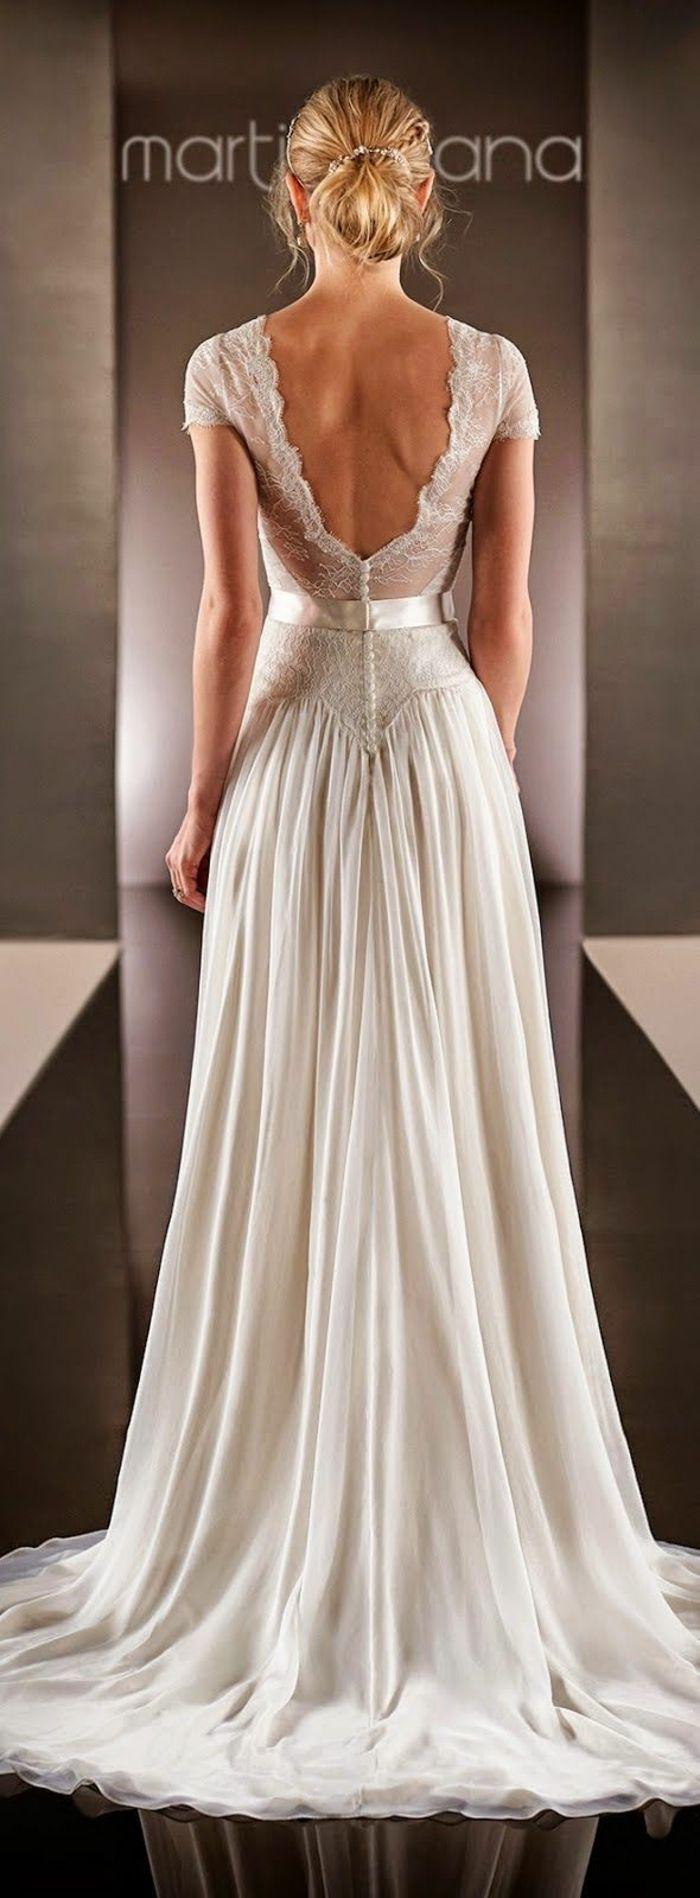 Rückenfreie Hochzeitskleider liegen voll im Trend